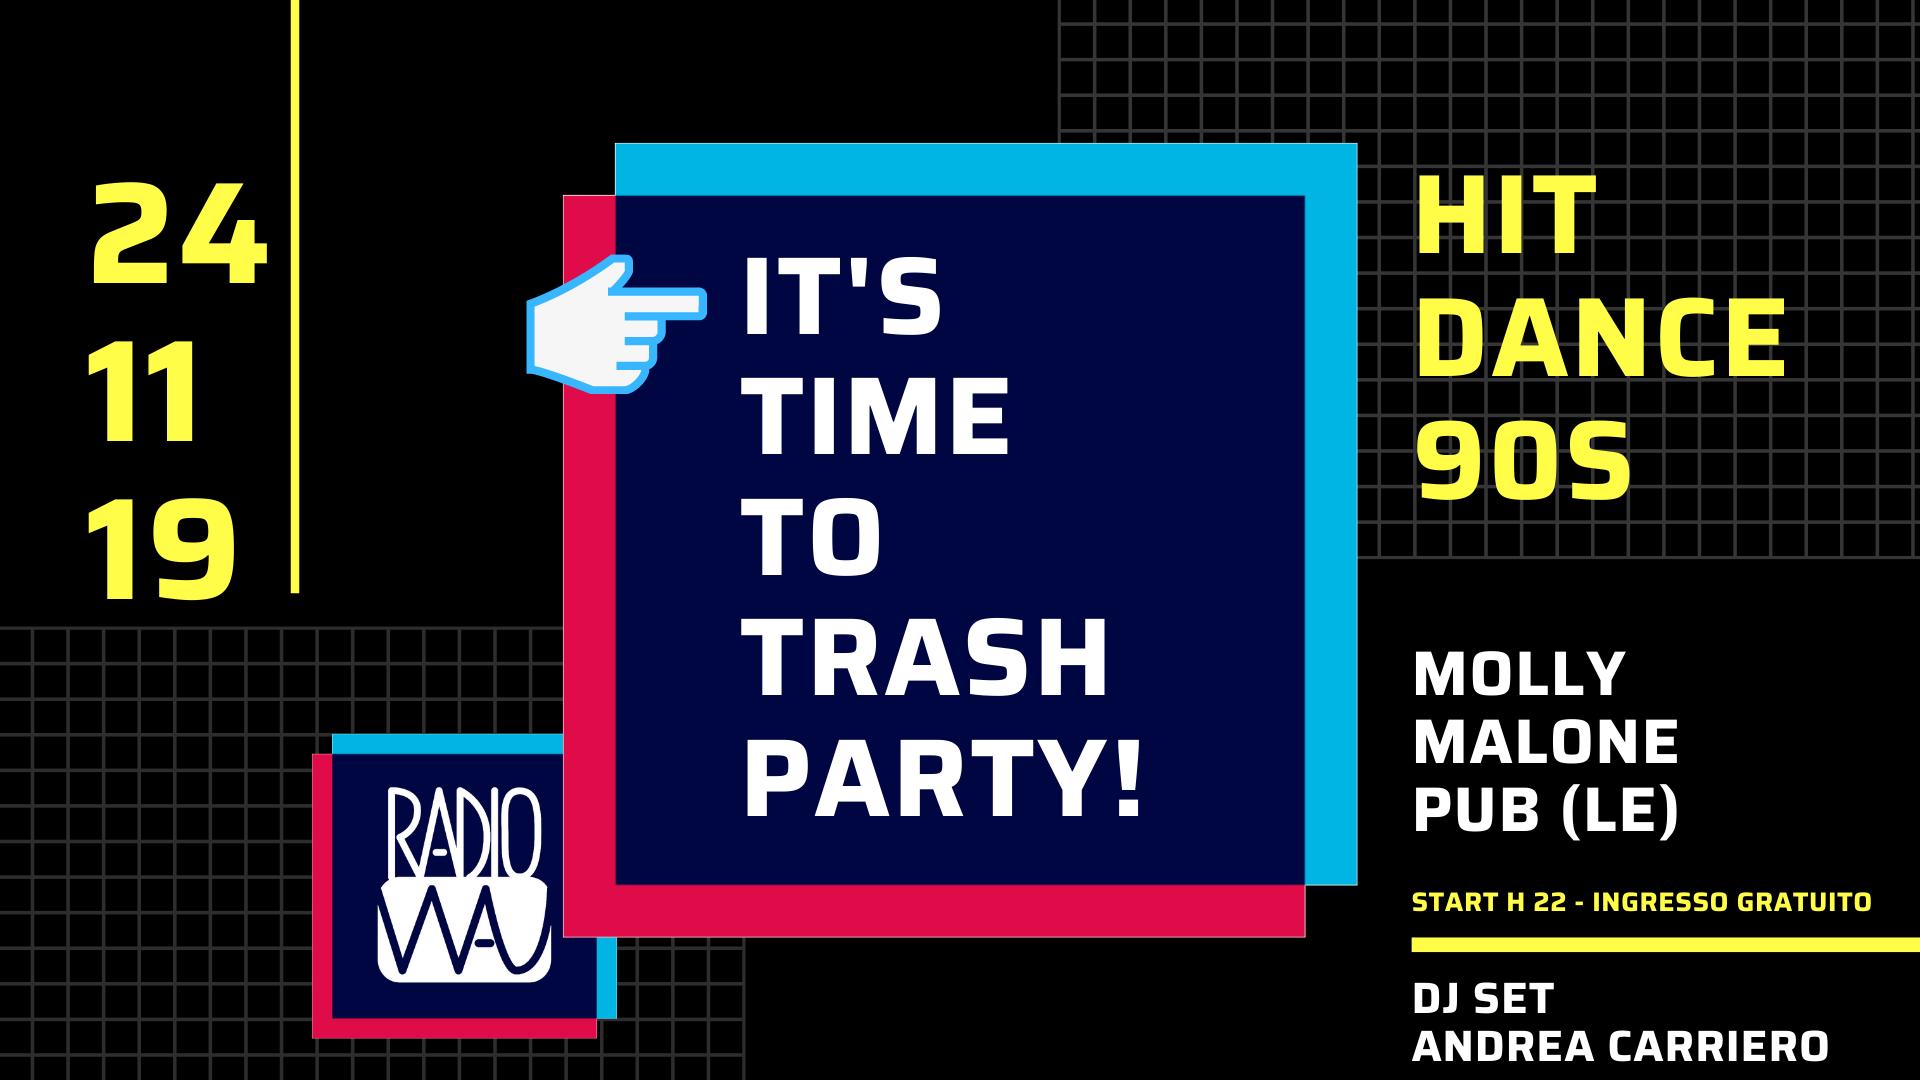 Trash Party: Domenica 24 Novembre tornano gli appuntamenti universitari targati Radio Wau.